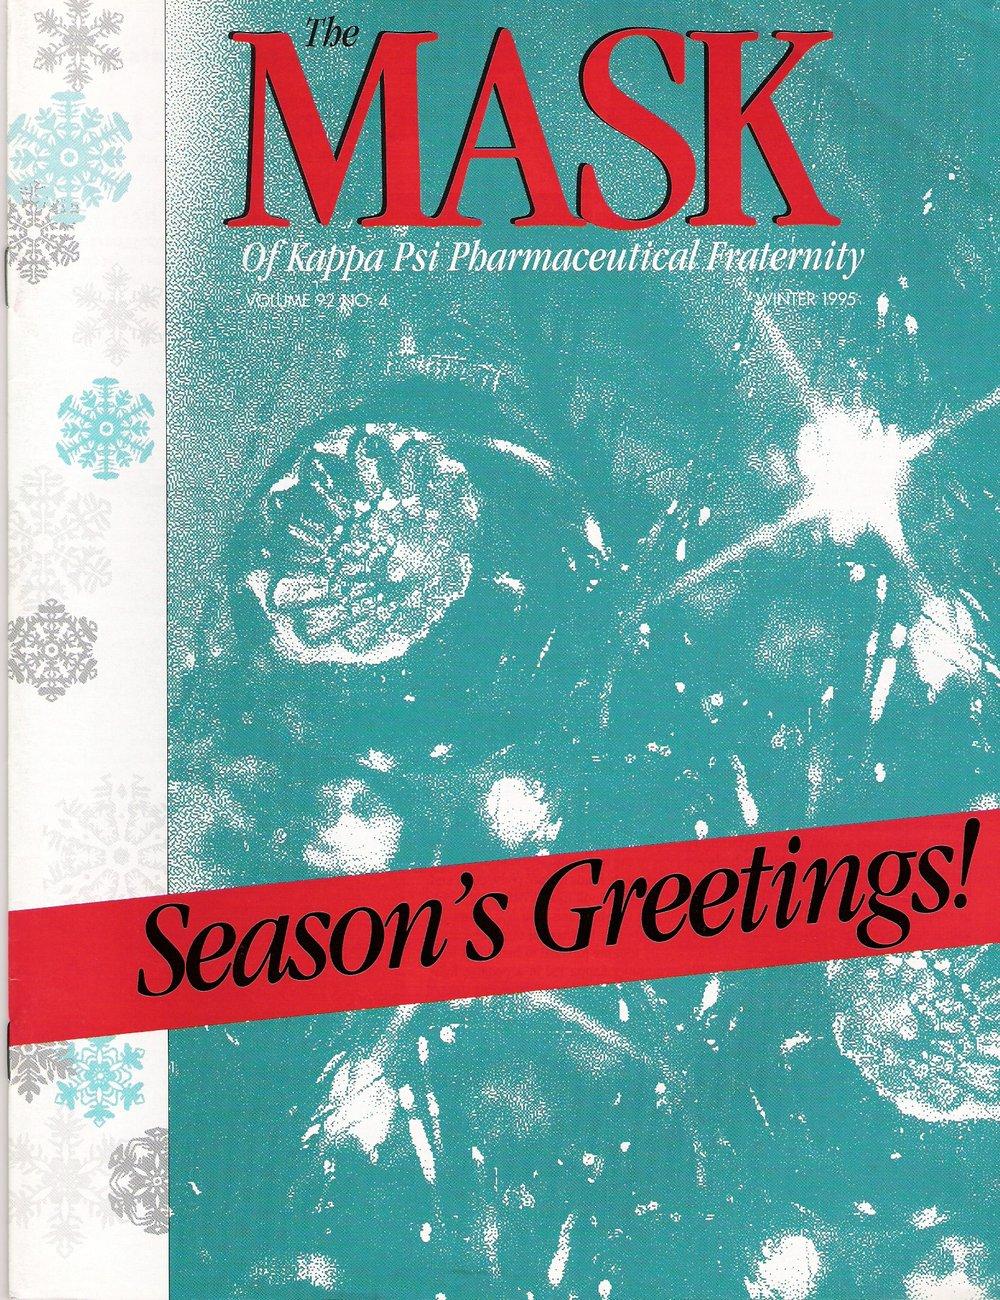 mask_cover_12_1995.jpg